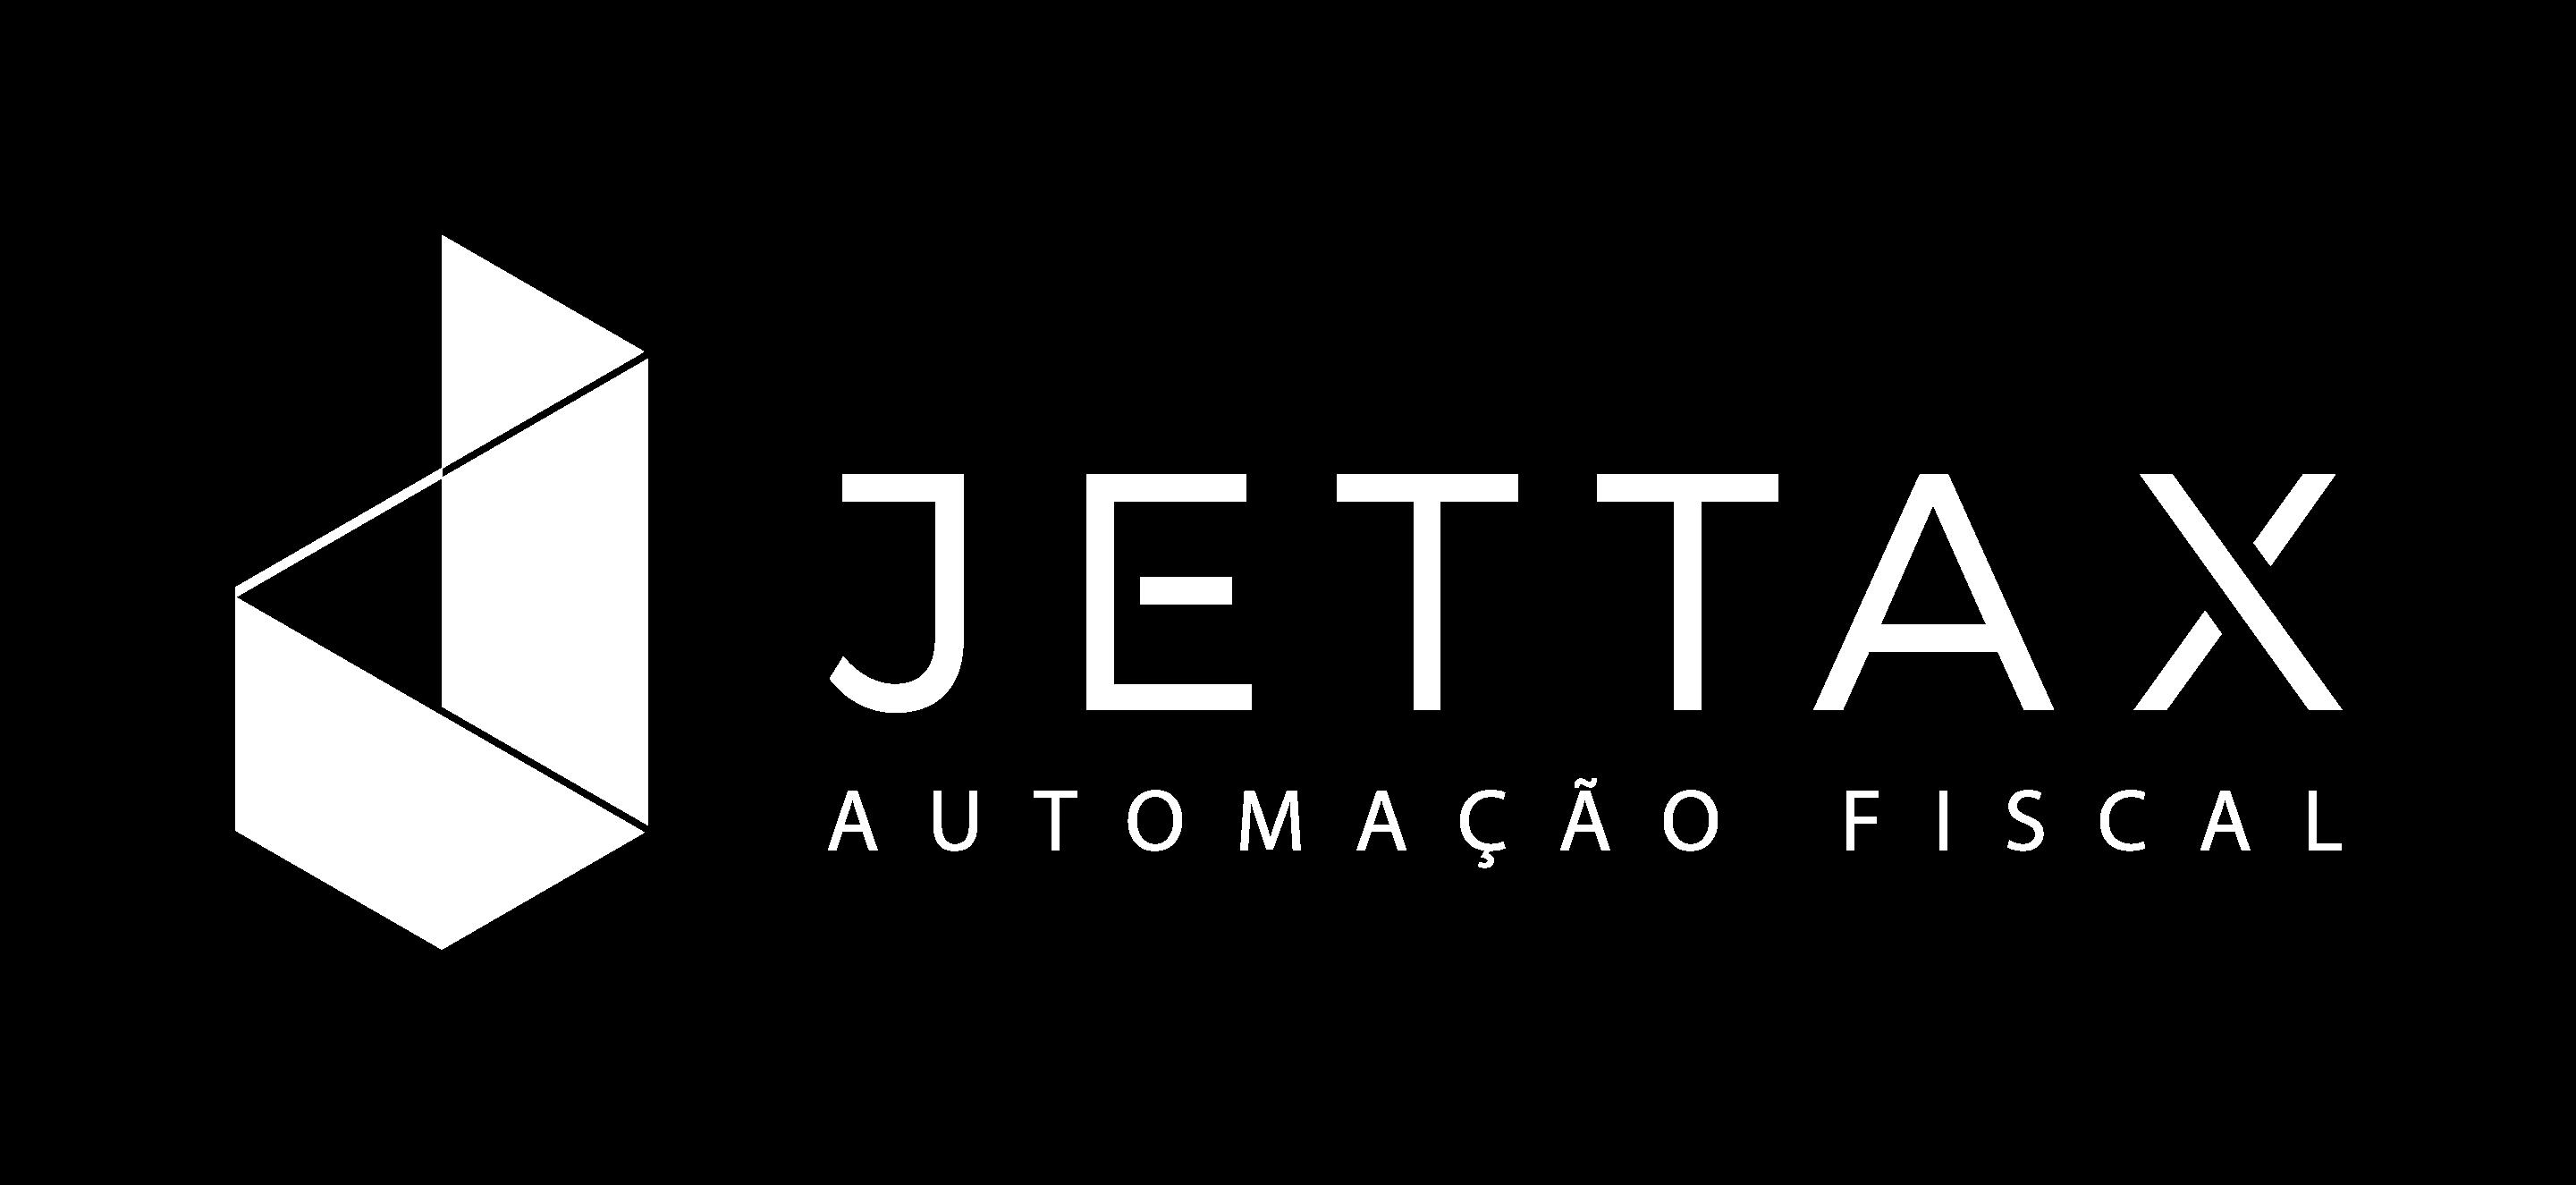 Jettax Automação Fiscal